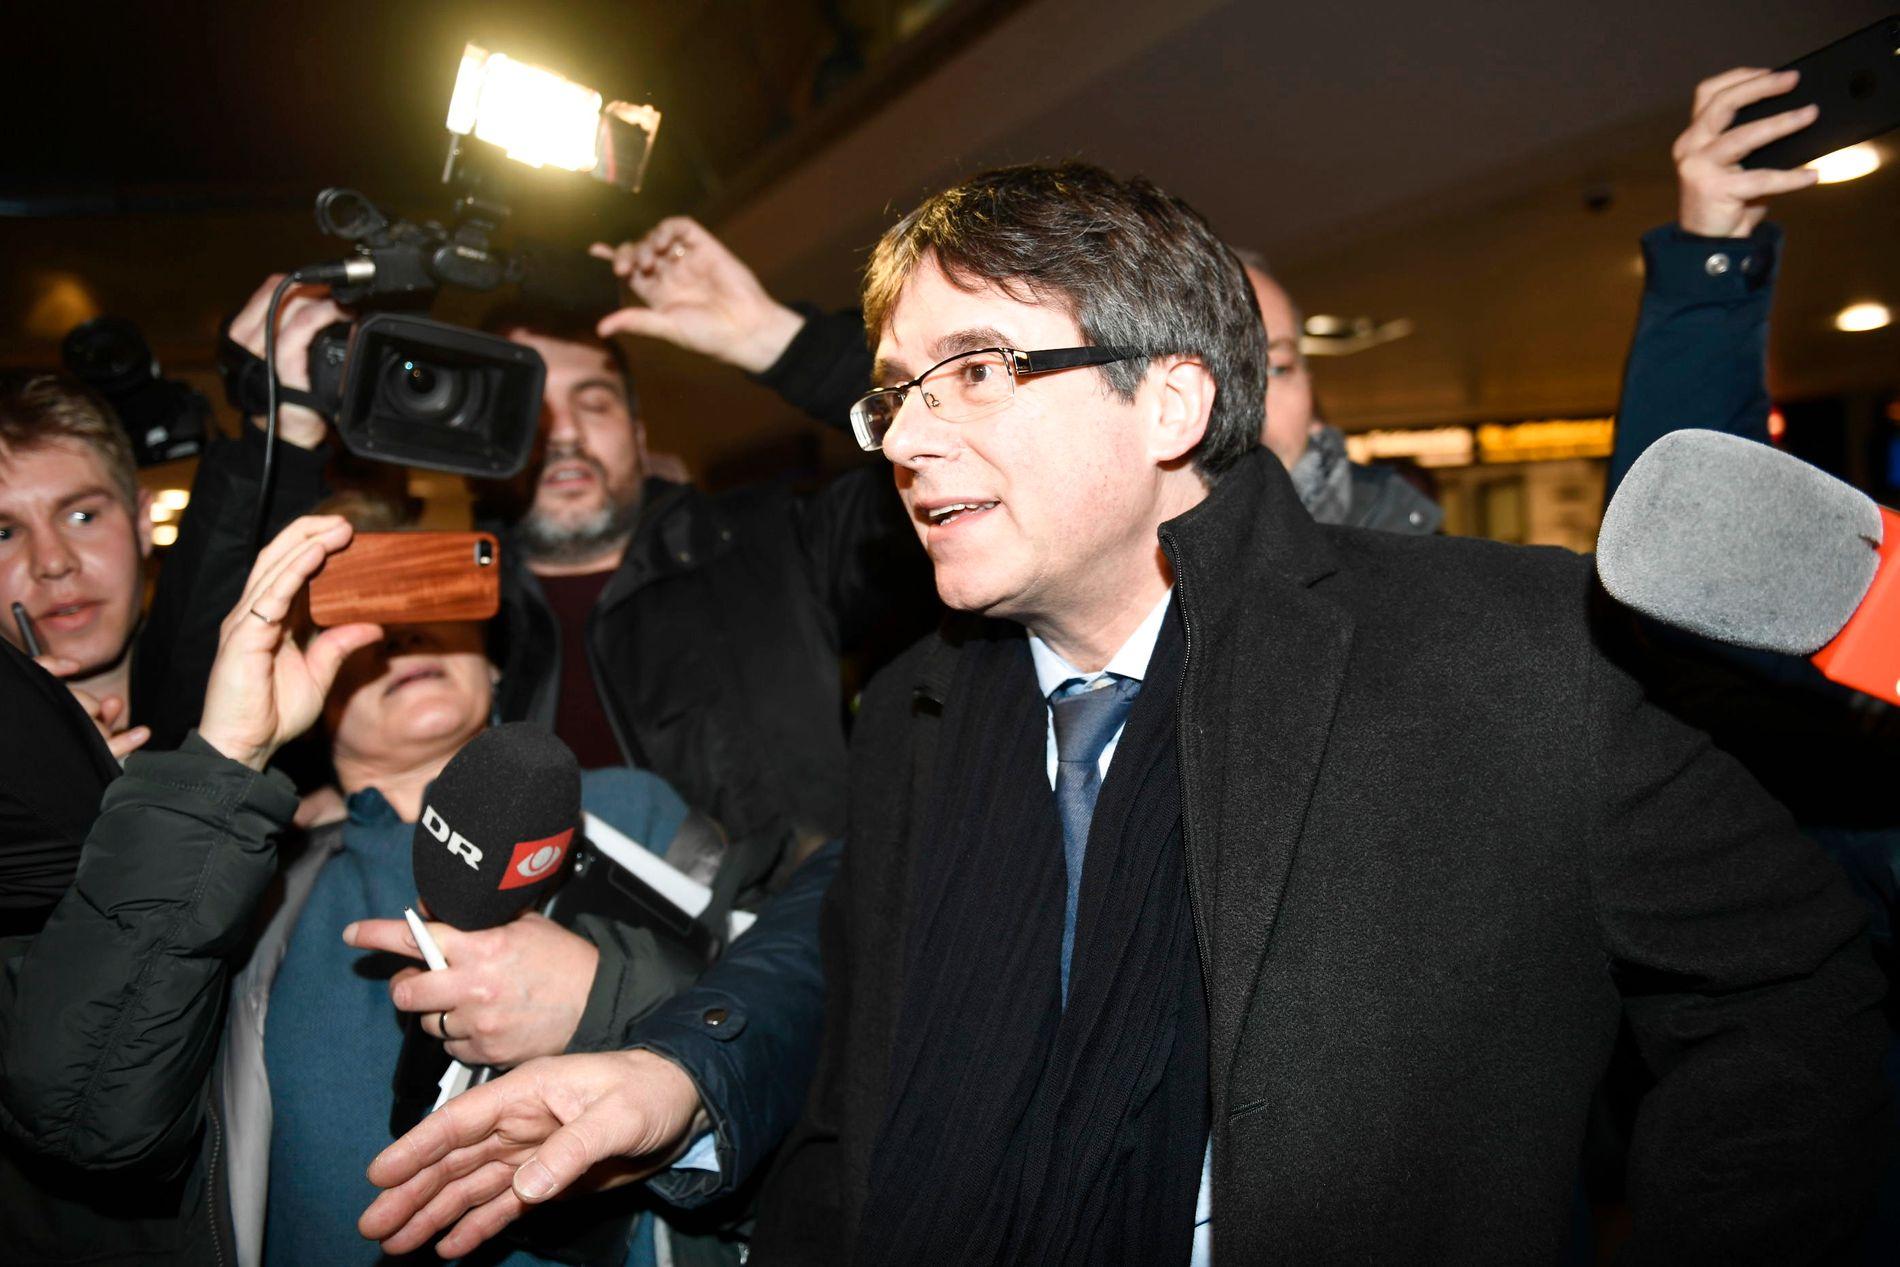 Den katalanske separatistlederen Carles Puigdemont sier han har gitt opp drømmen om å bli president i et selvstendig Catalonia.